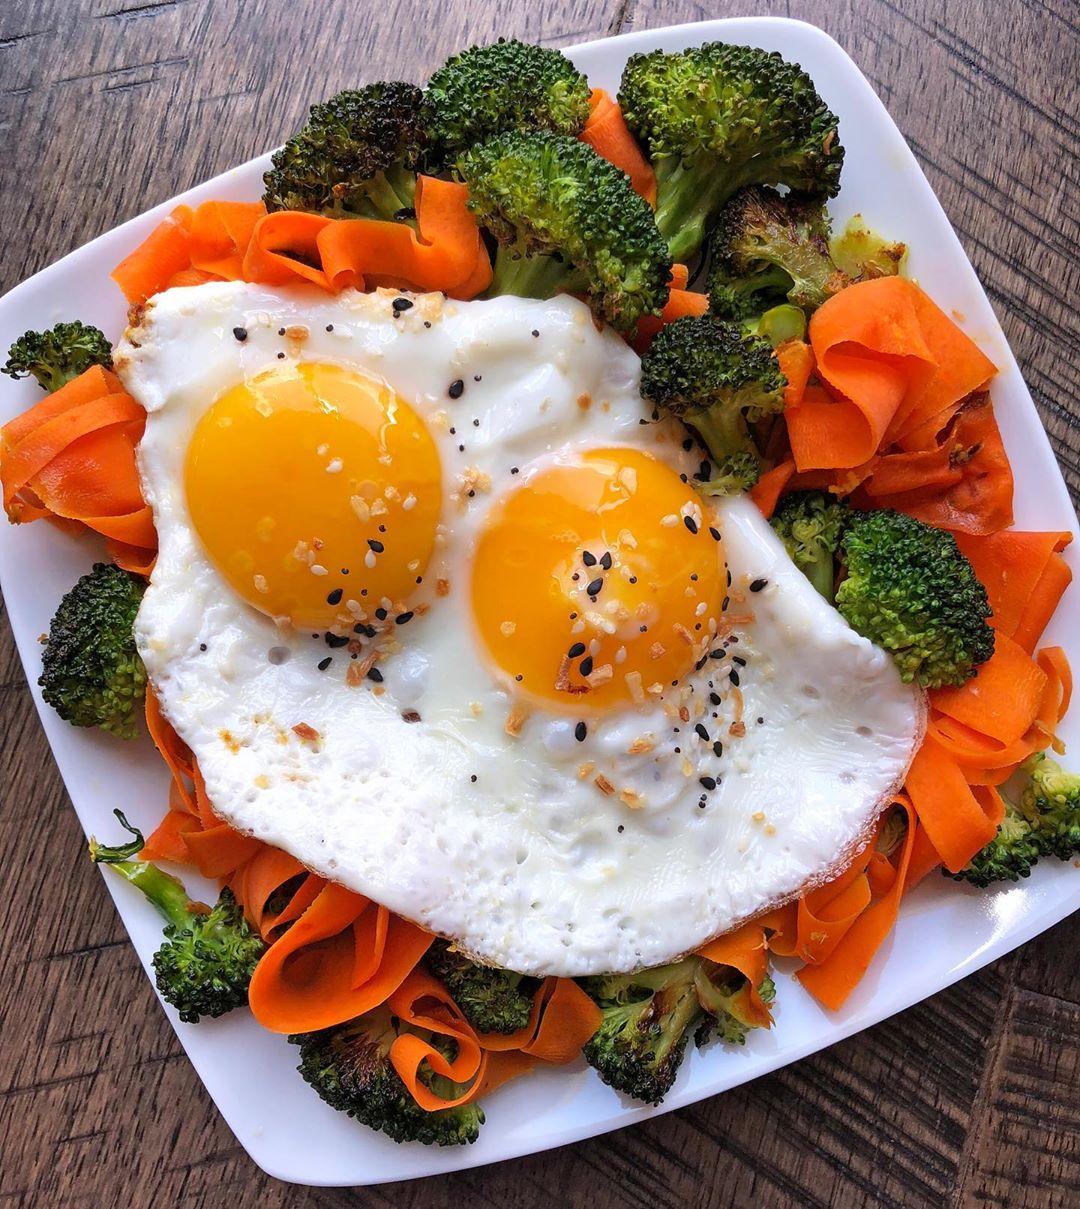 Una ensalada brócoli y zanahoria que resalta en la lista de recetas sanas